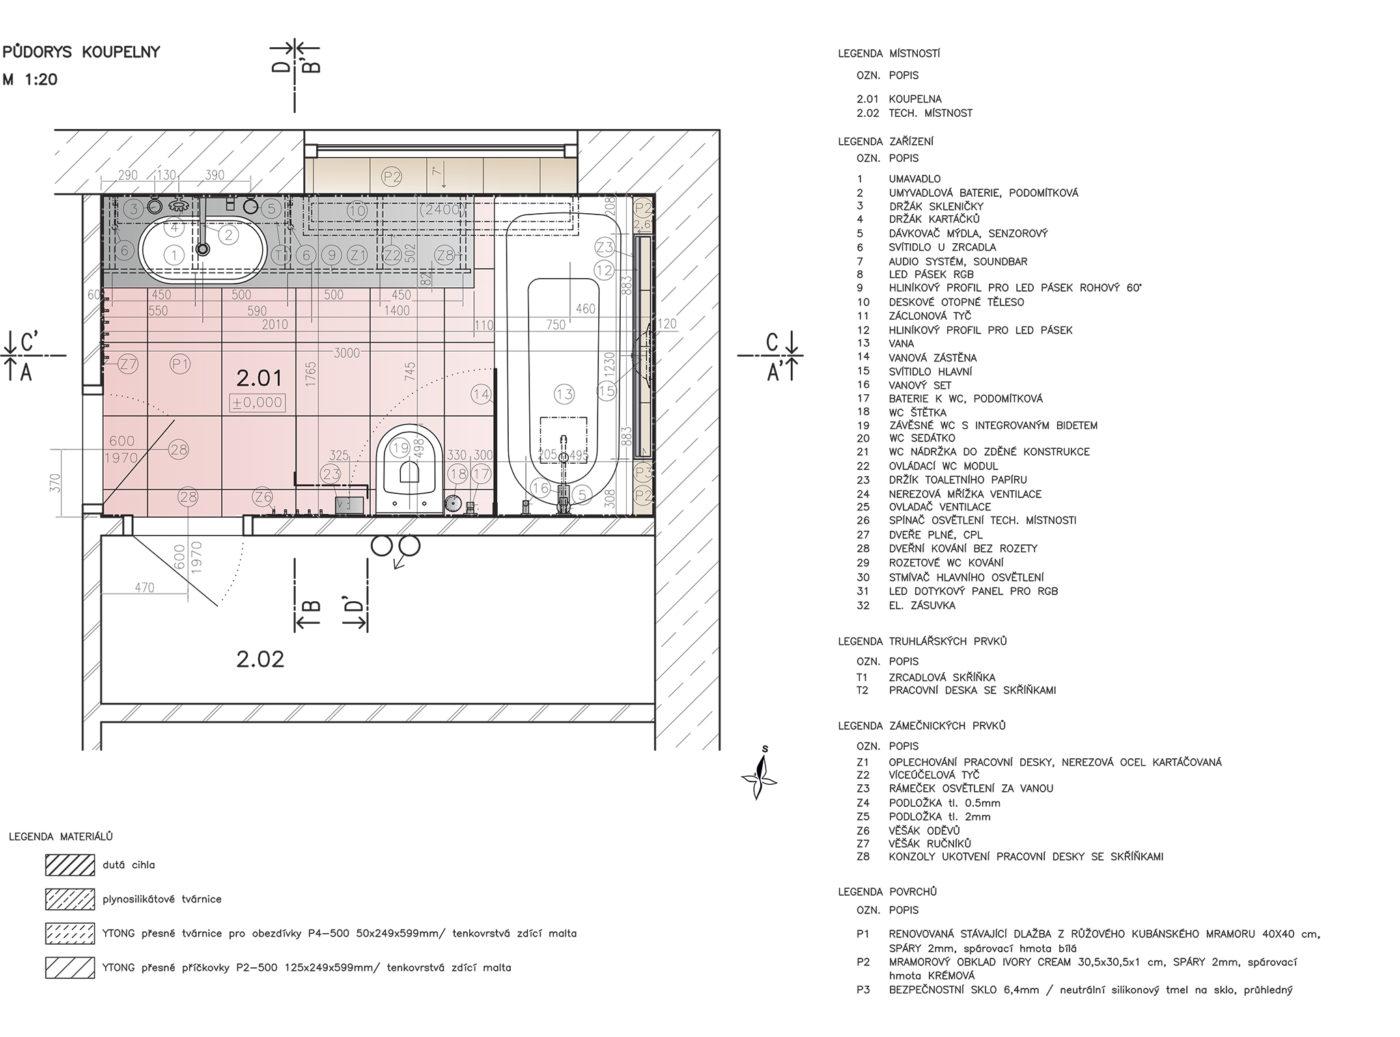 Půdorys realizační projekt interiéru.